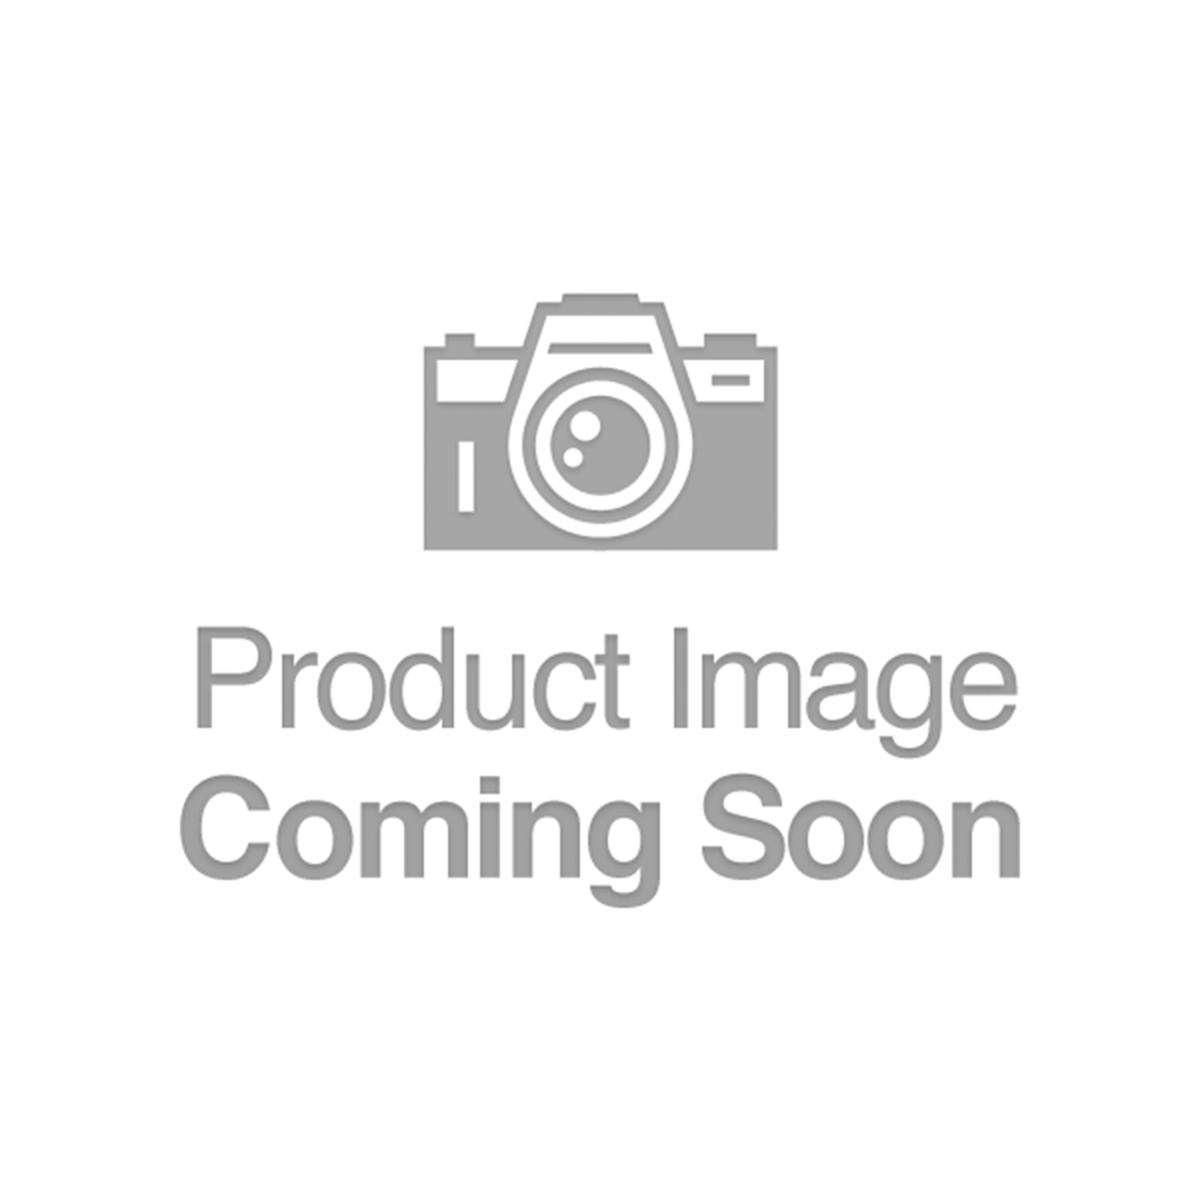 FR. 2201-A  $500  1934  PMG 55N  Serial Number 1